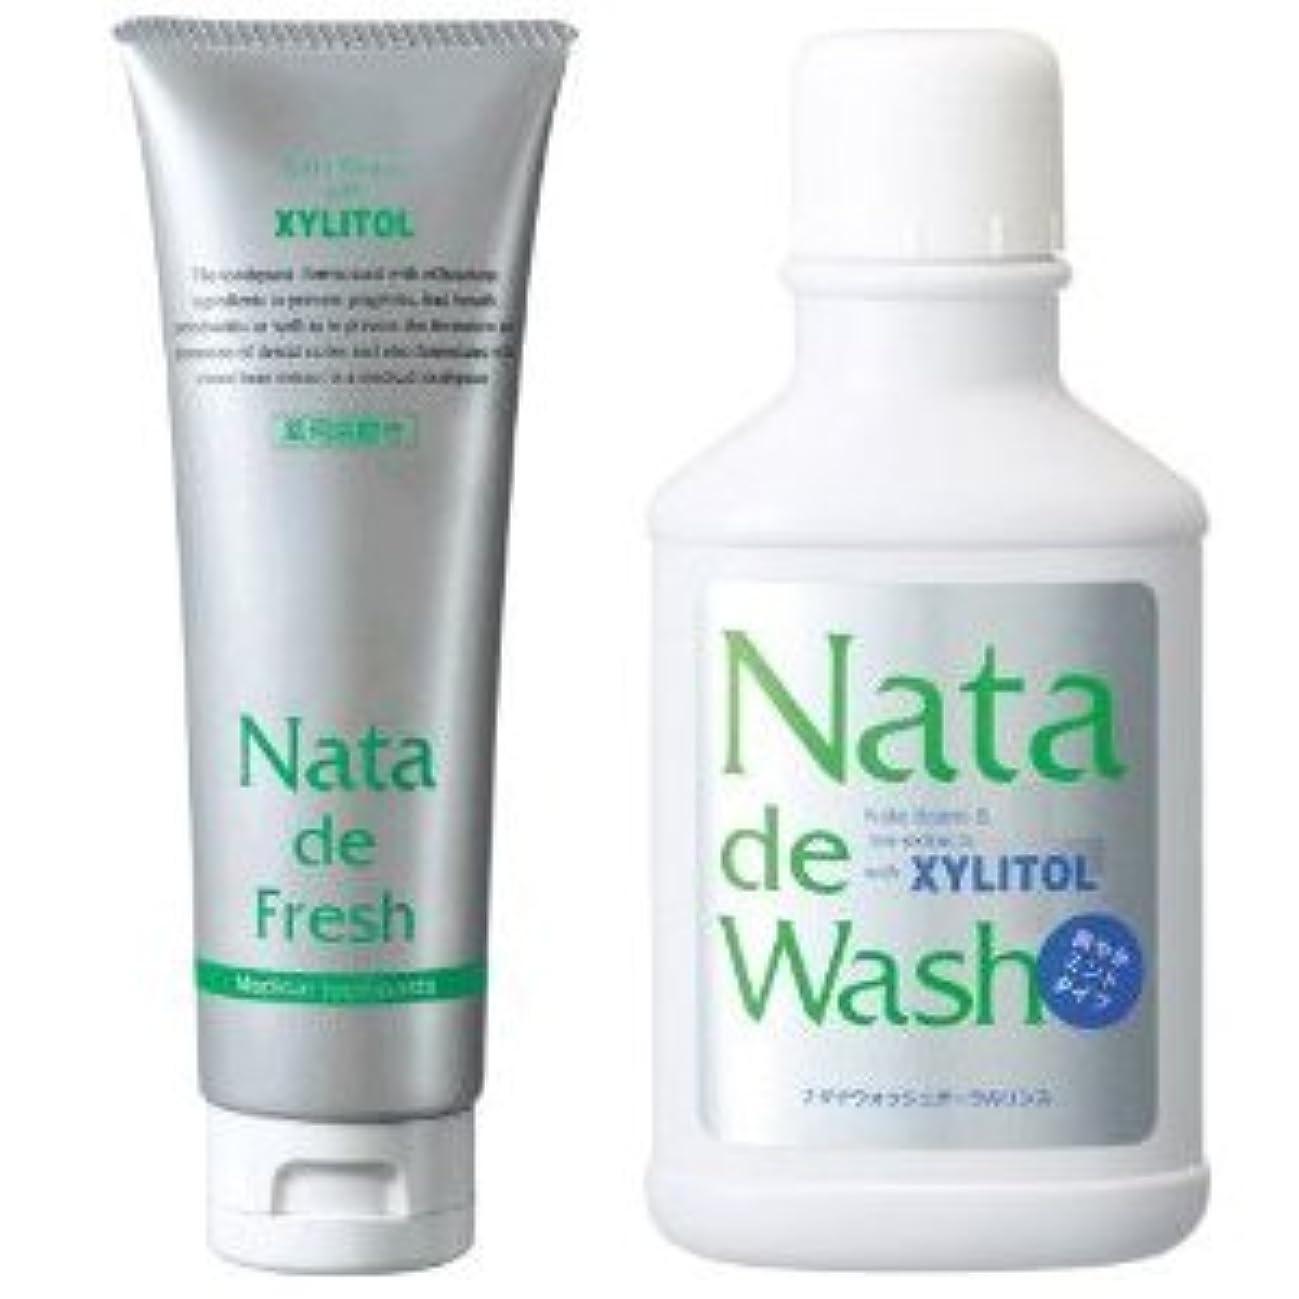 引退するスーパーランプナタデウォッシュ 口内環境セット 歯磨き+マウスウォッシュ ナタデフレッシュ+ナタデウォッシュ